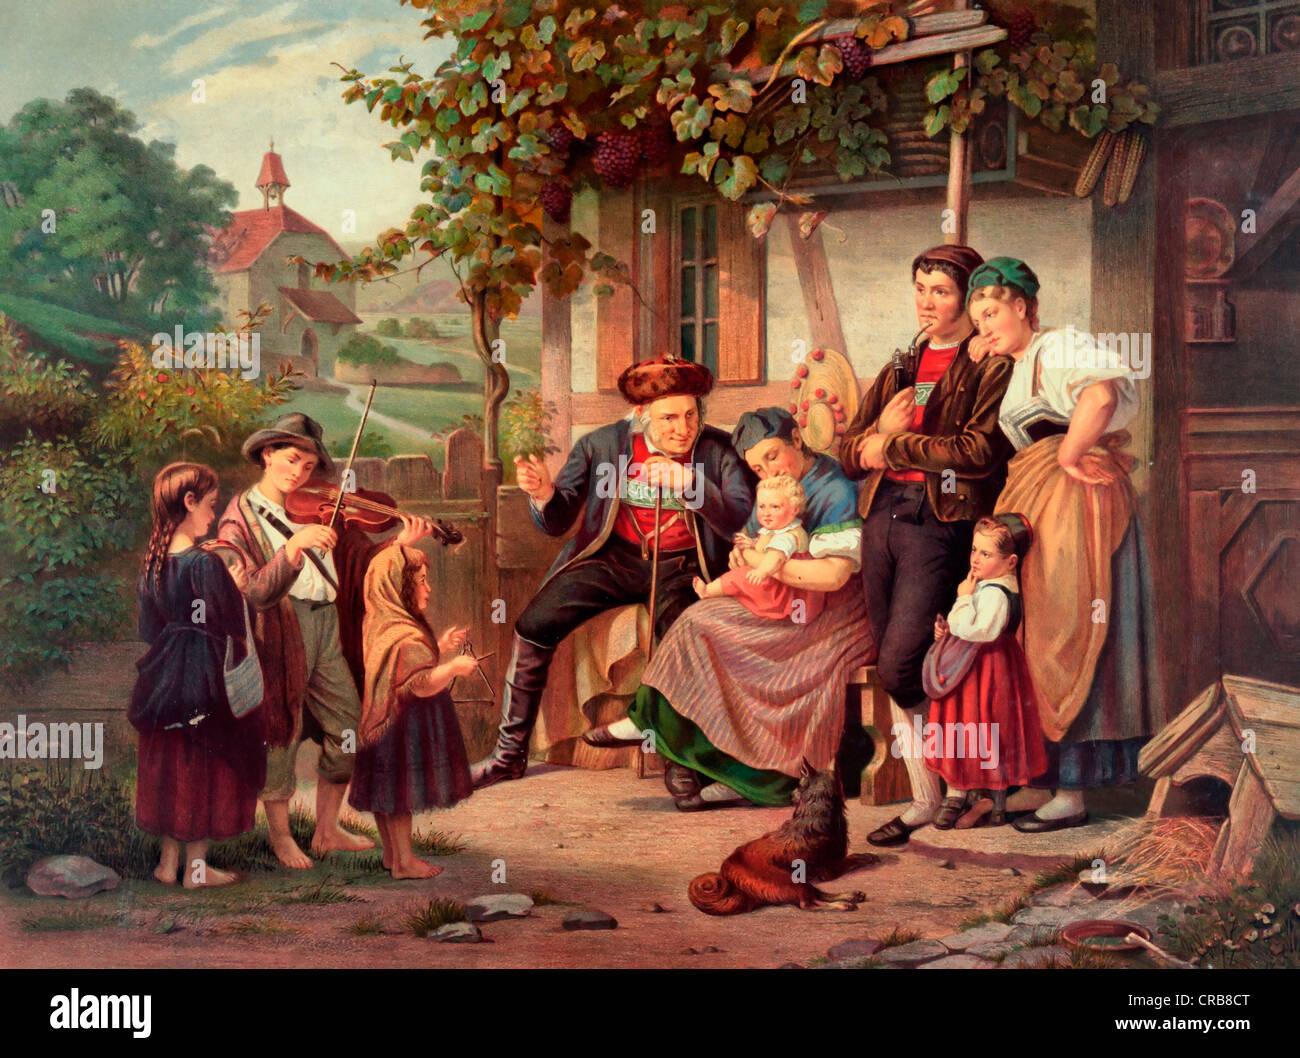 Un Hogar Feliz una soledad - impresión vintage de la vida familiar en una granja, circa 1870. Imagen De Stock